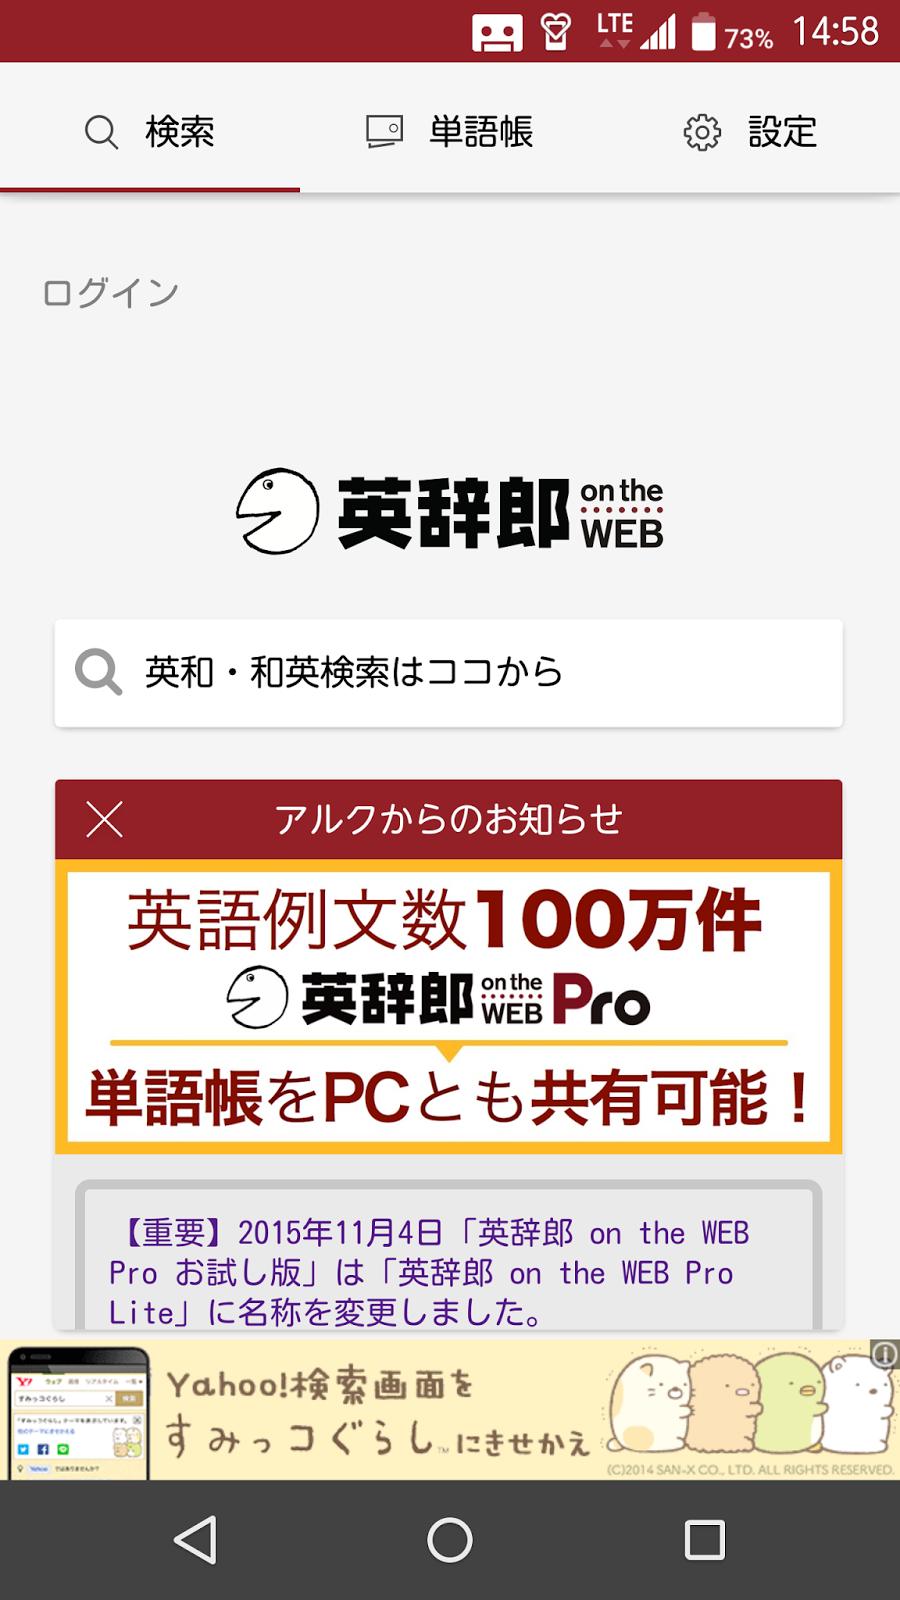 Web 郎 on 英 辞 the